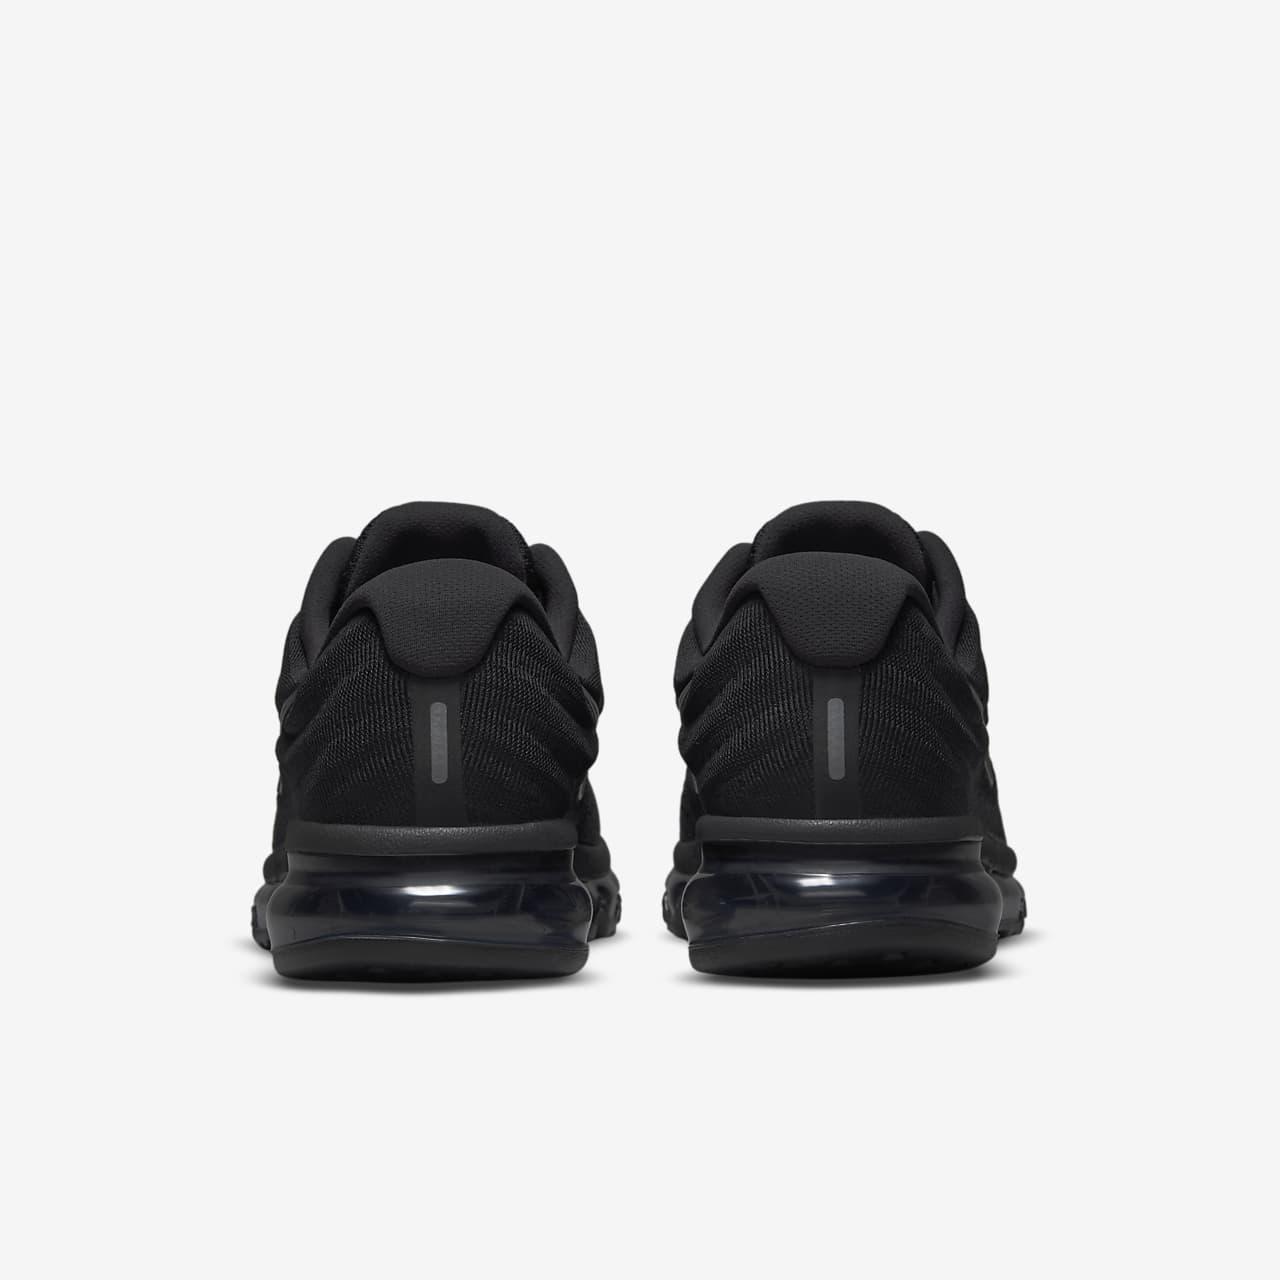 157b773c4 Calzado para hombre Nike Air Max 2017. Nike.com MX